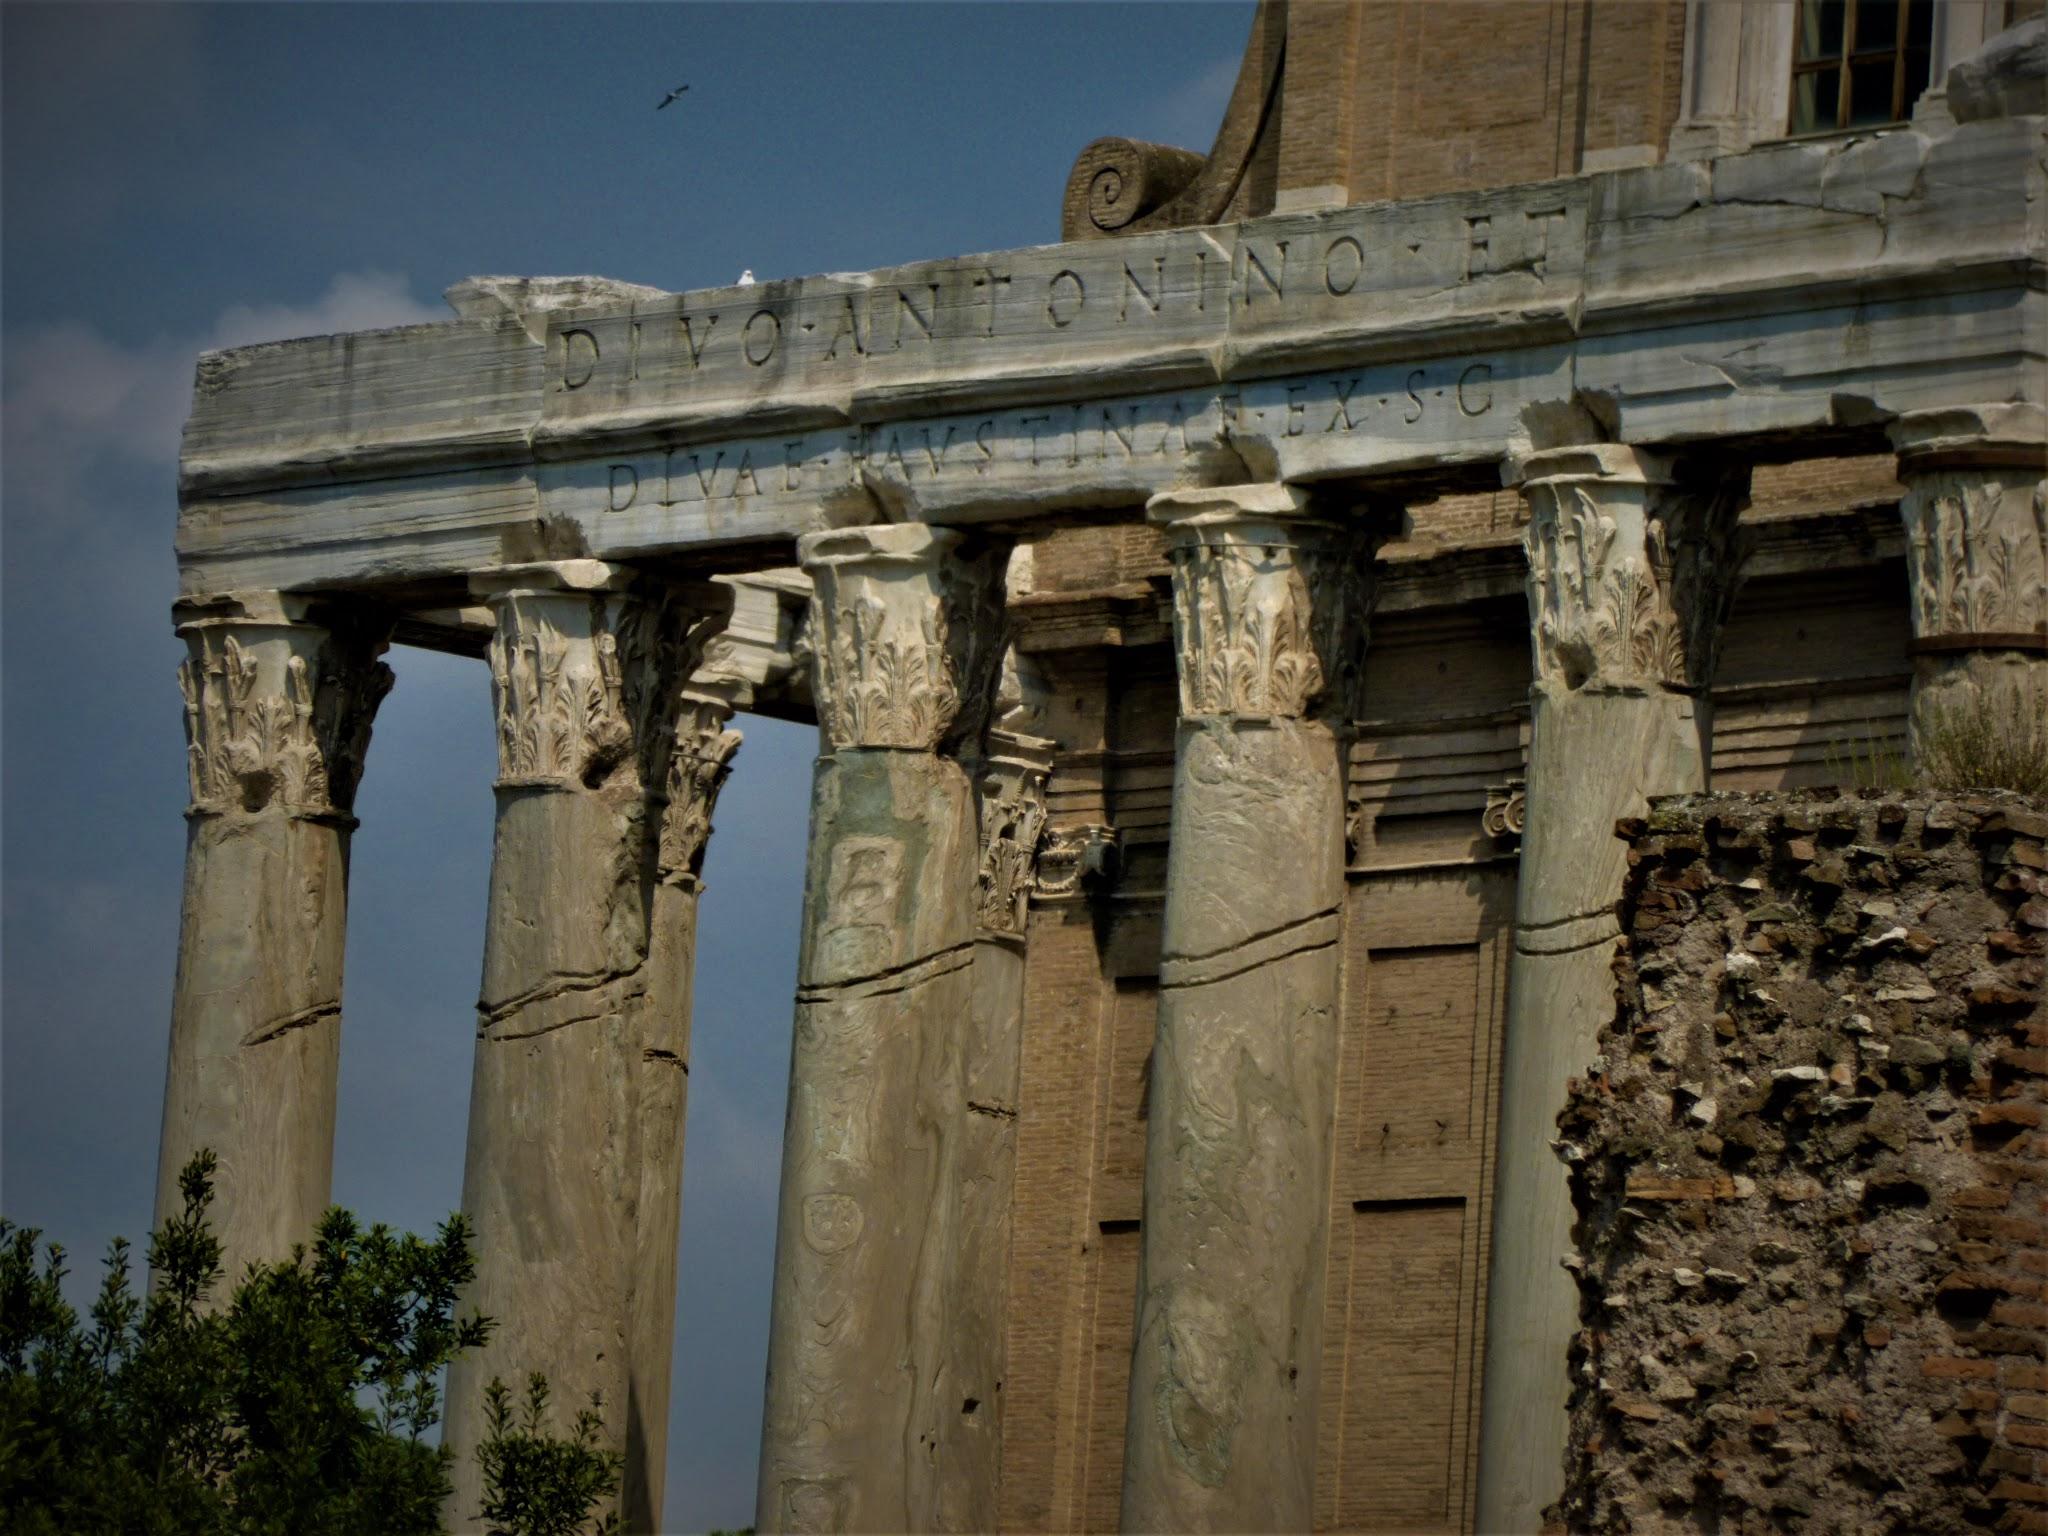 Antoninus et Faustina, Templum (Temple of Faustina and Antoninus Pius)